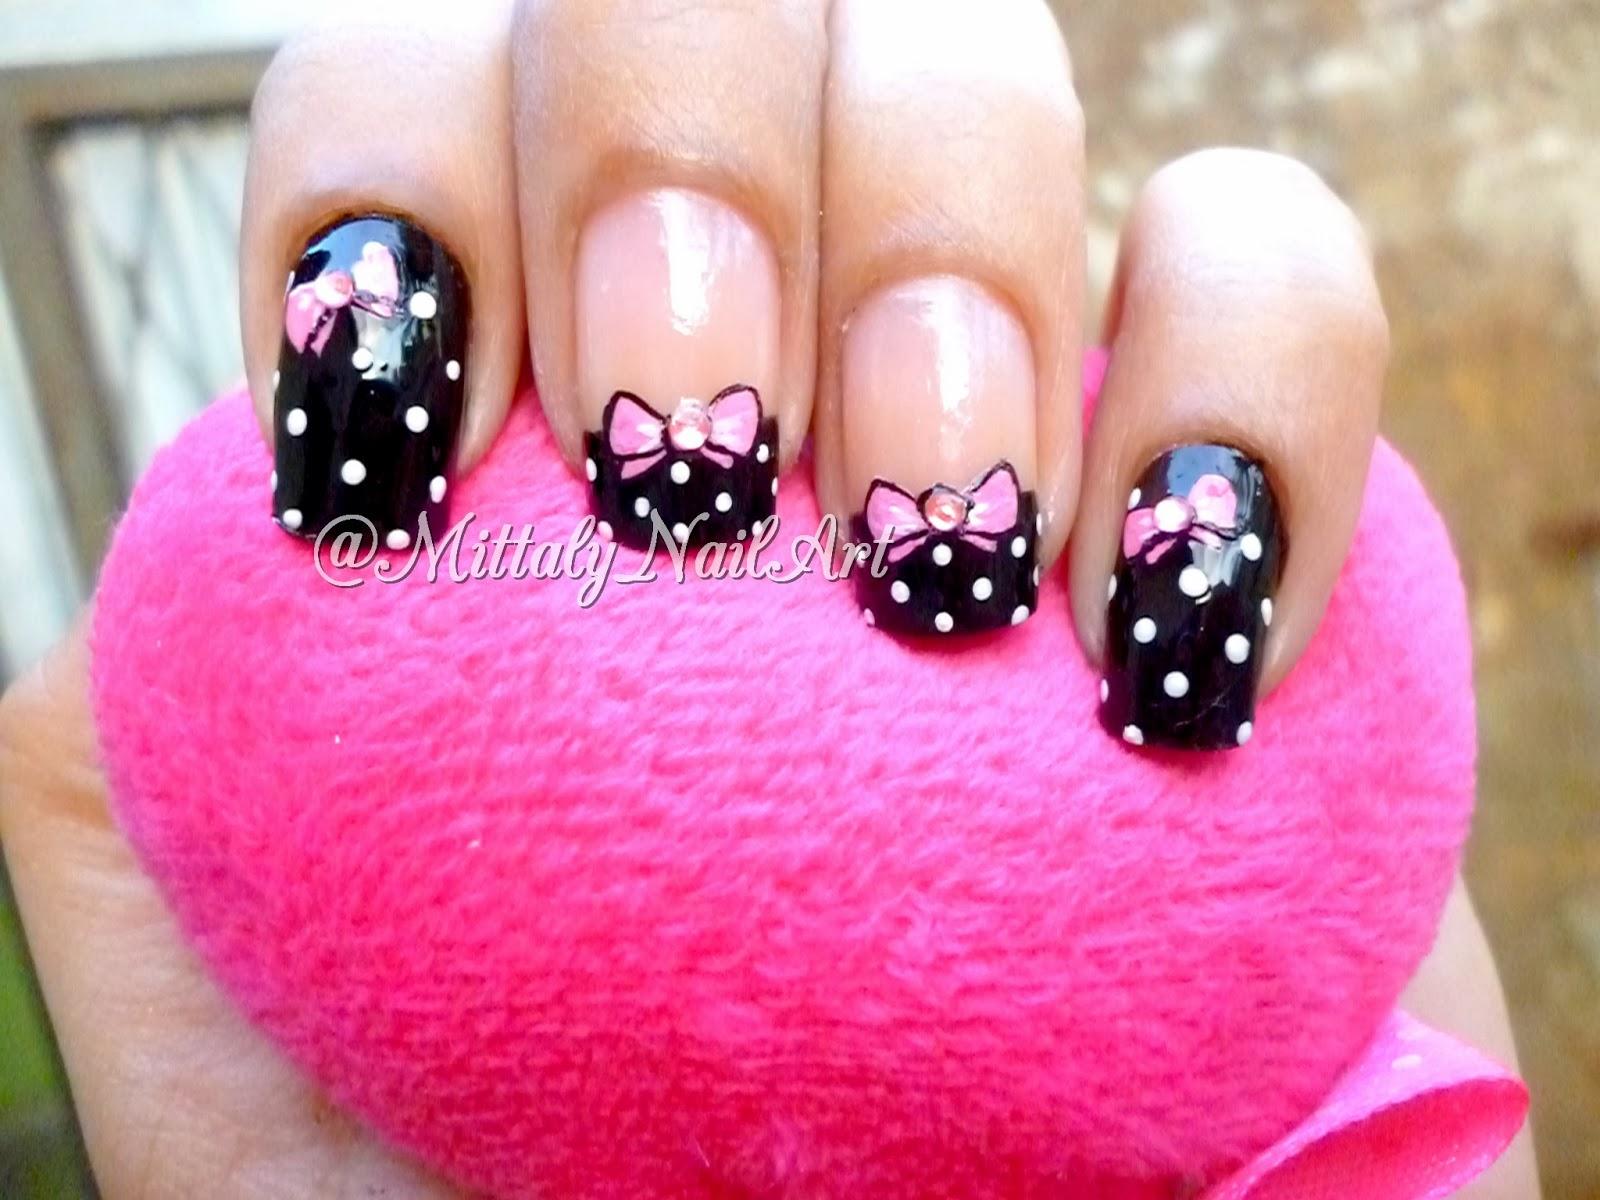 ... Nail Designs 2016 also Sara Corner Beauty Nail Art. on nail art diy